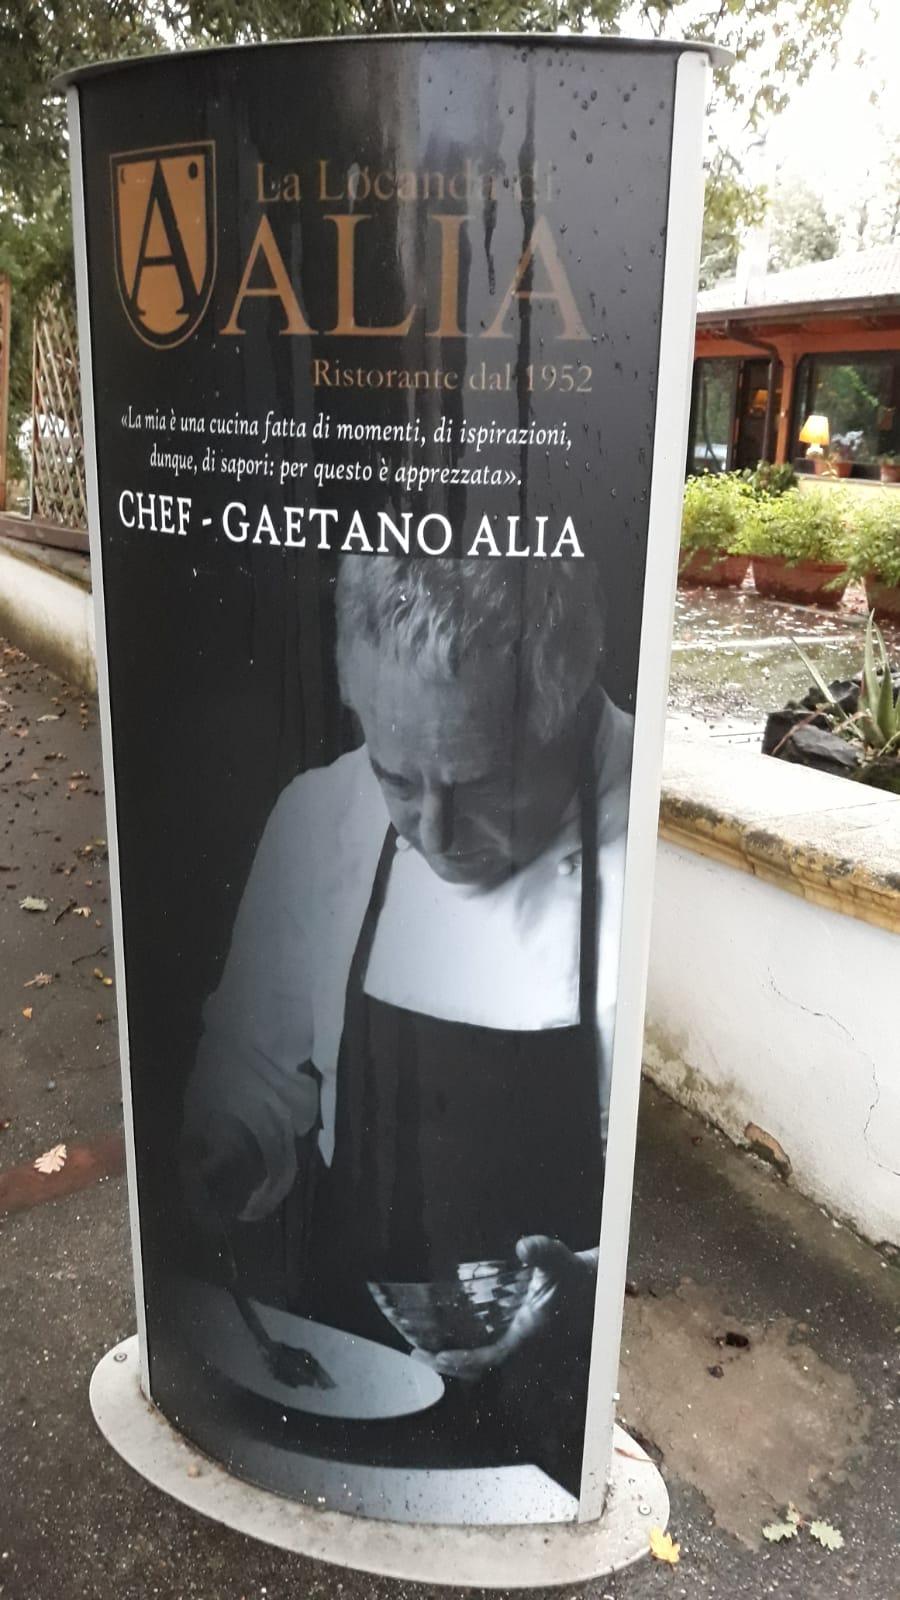 La Locanda di Alia - Chef